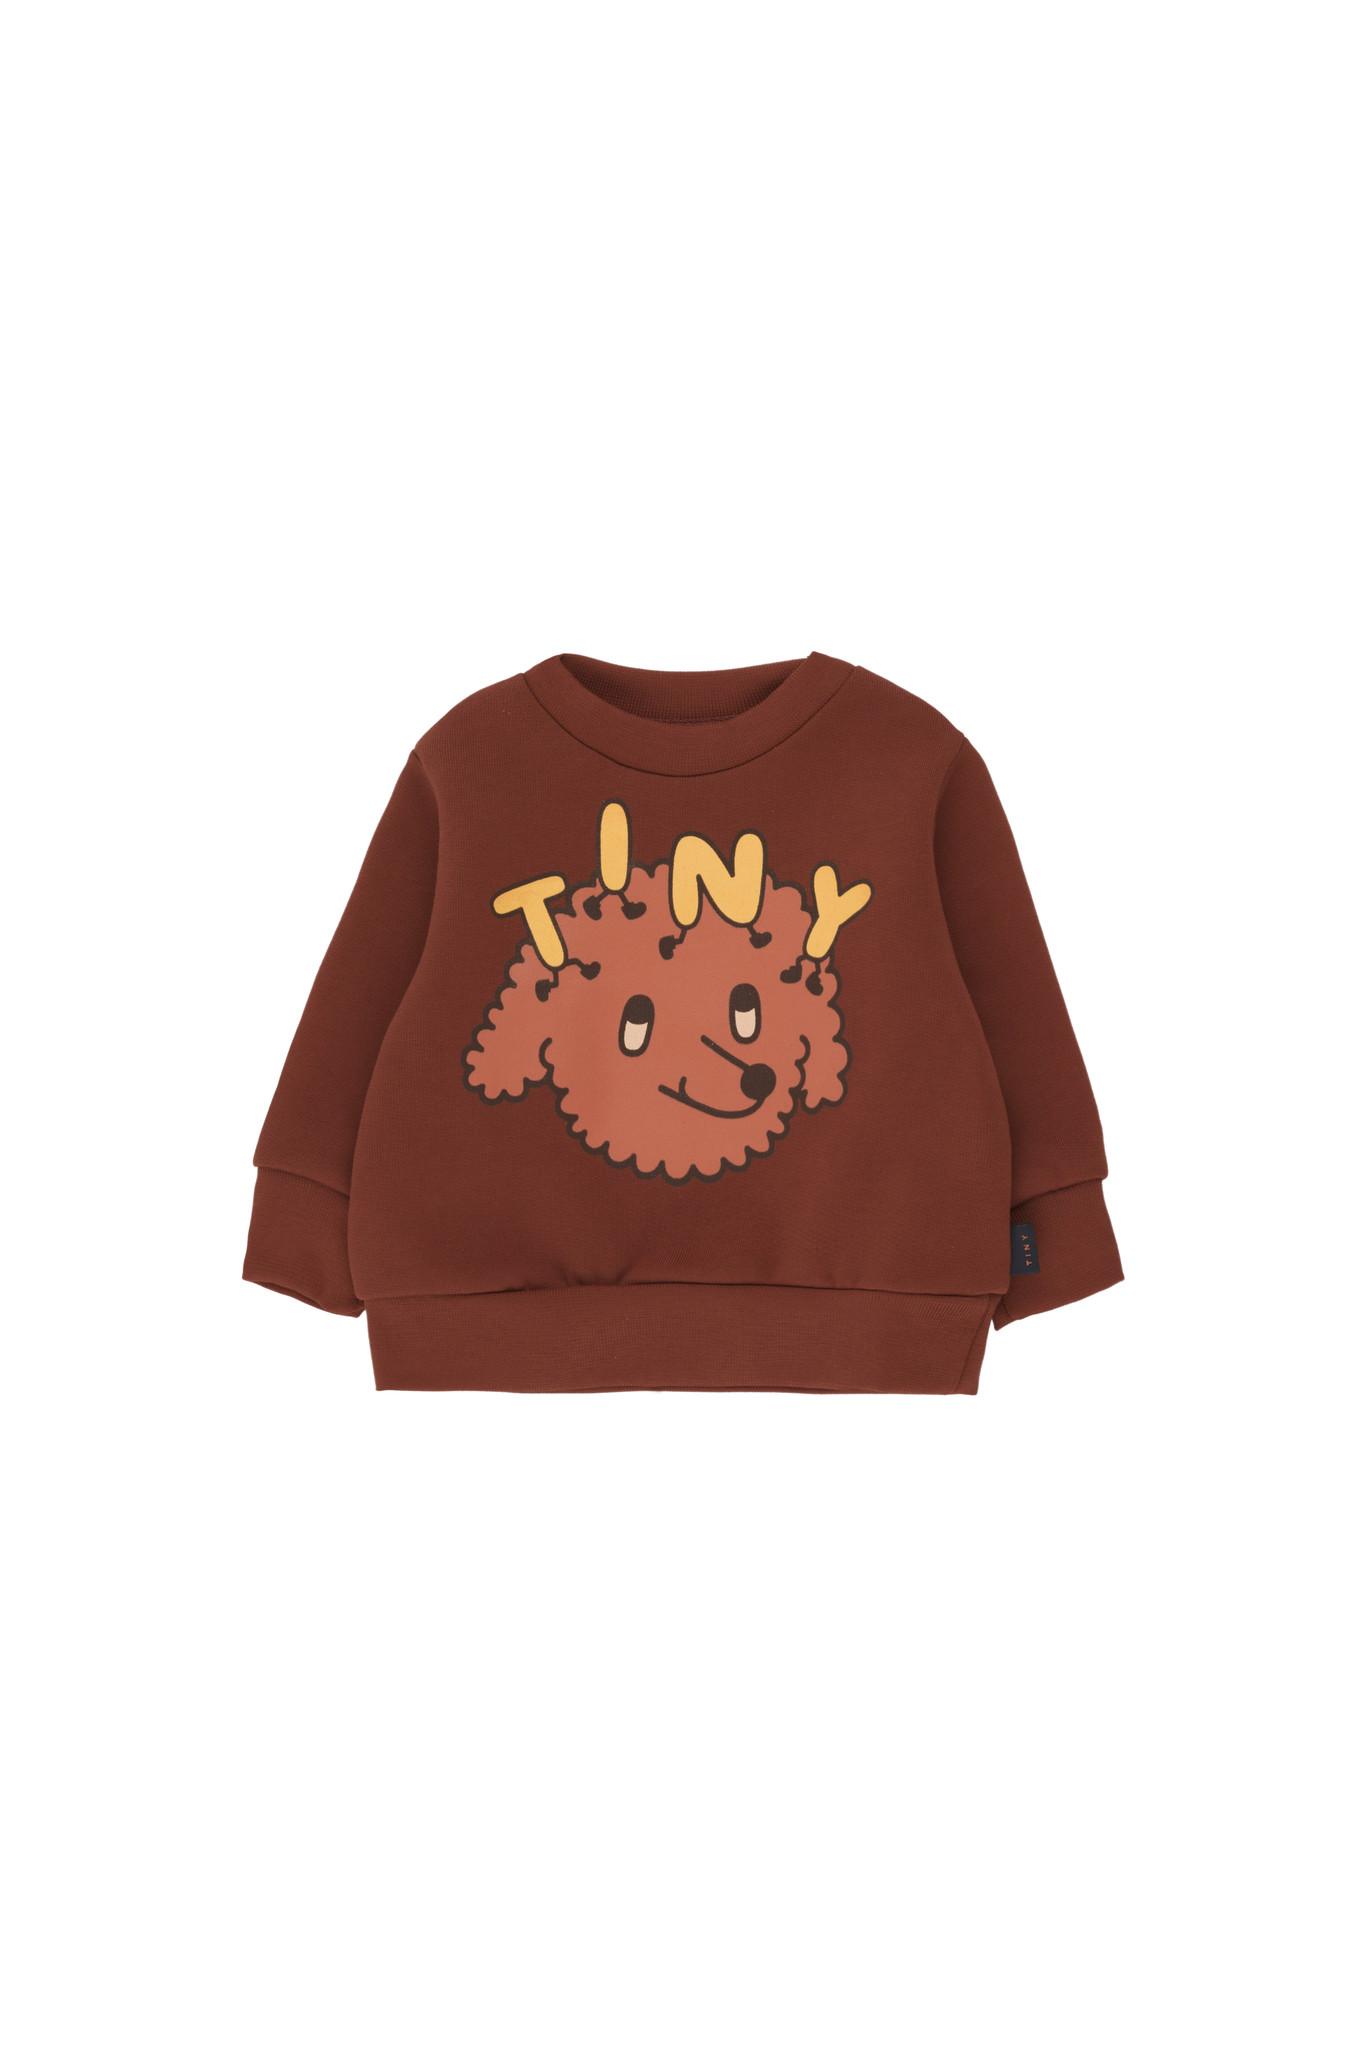 Tiny Dog sweatshirt - Dark Brown / Sienna-1